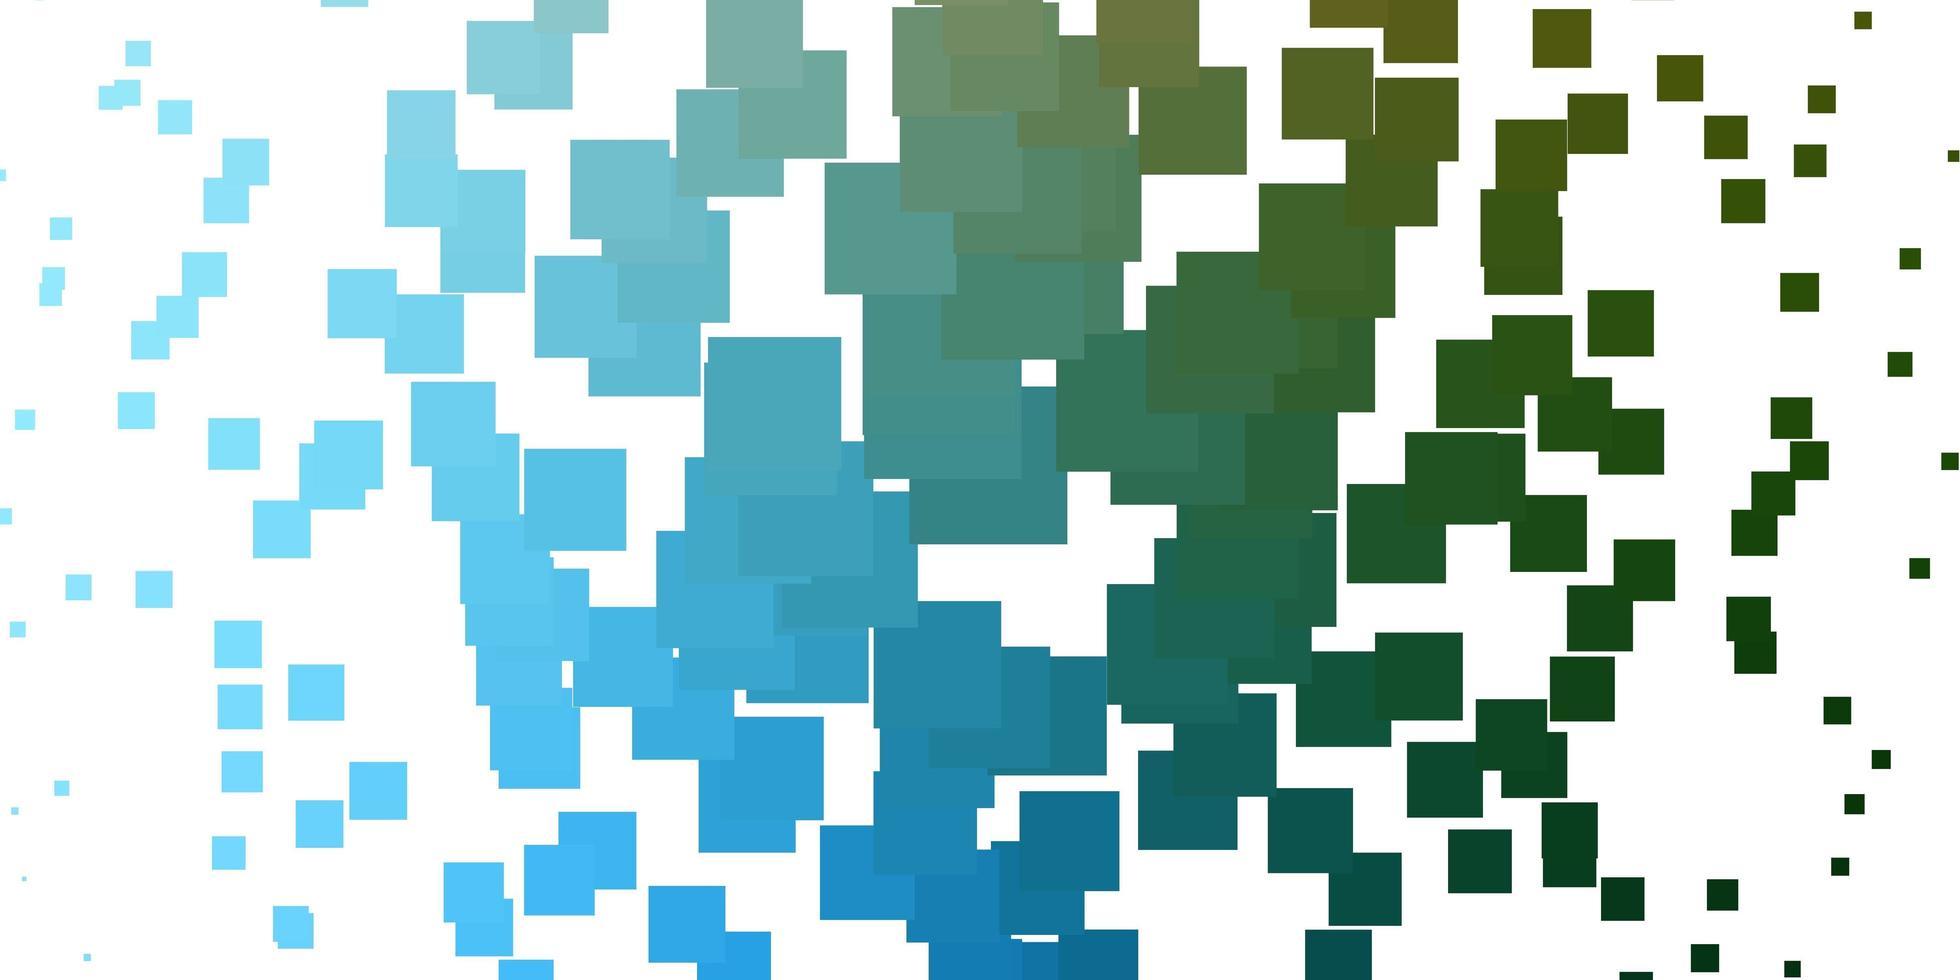 ljusblå, grön vektorstruktur i rektangulär stil. vektor